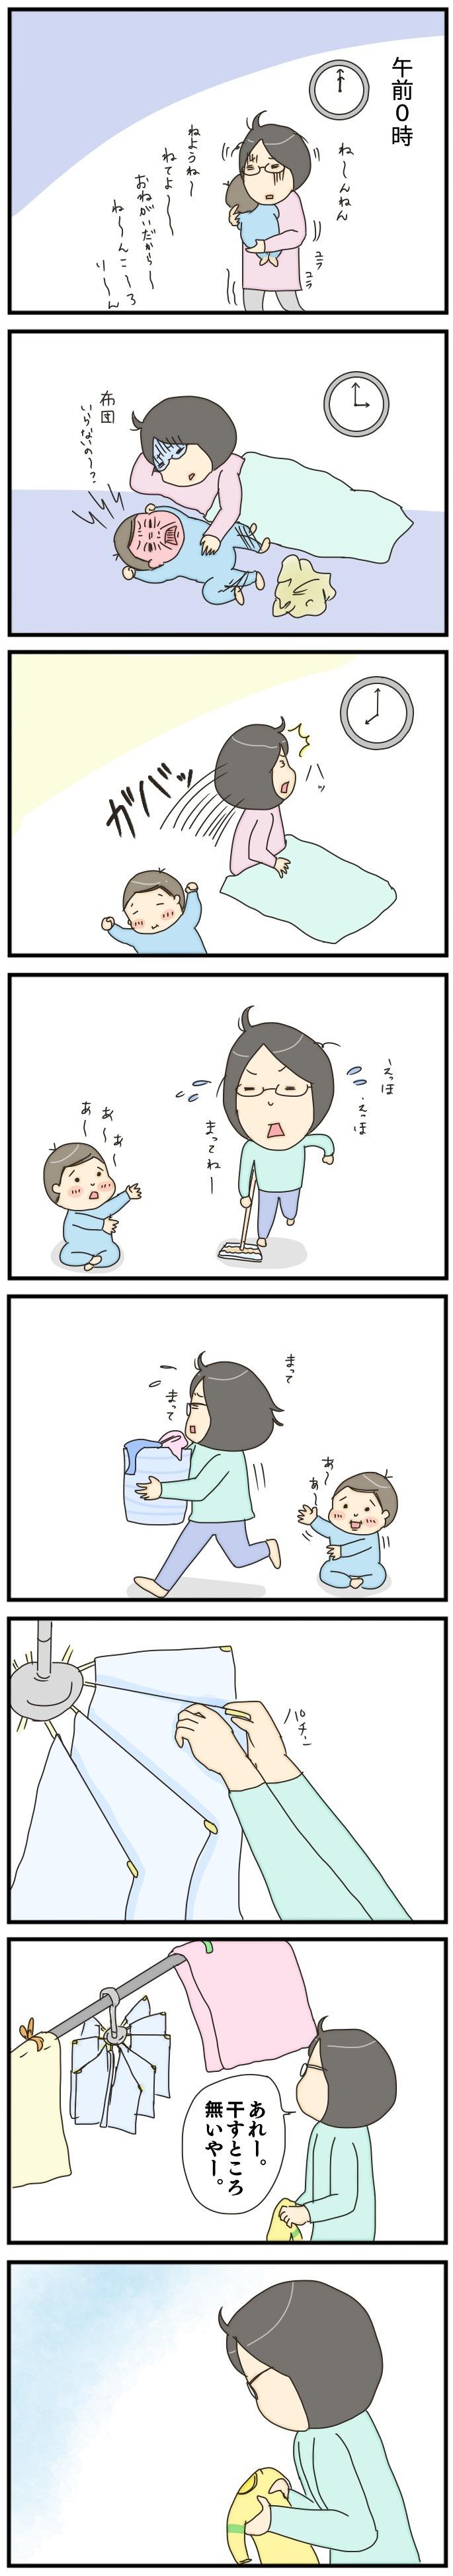 毎日、家事と育児で精一杯!そんな時に、息子の小さな服が思い出させてくれたことの画像1